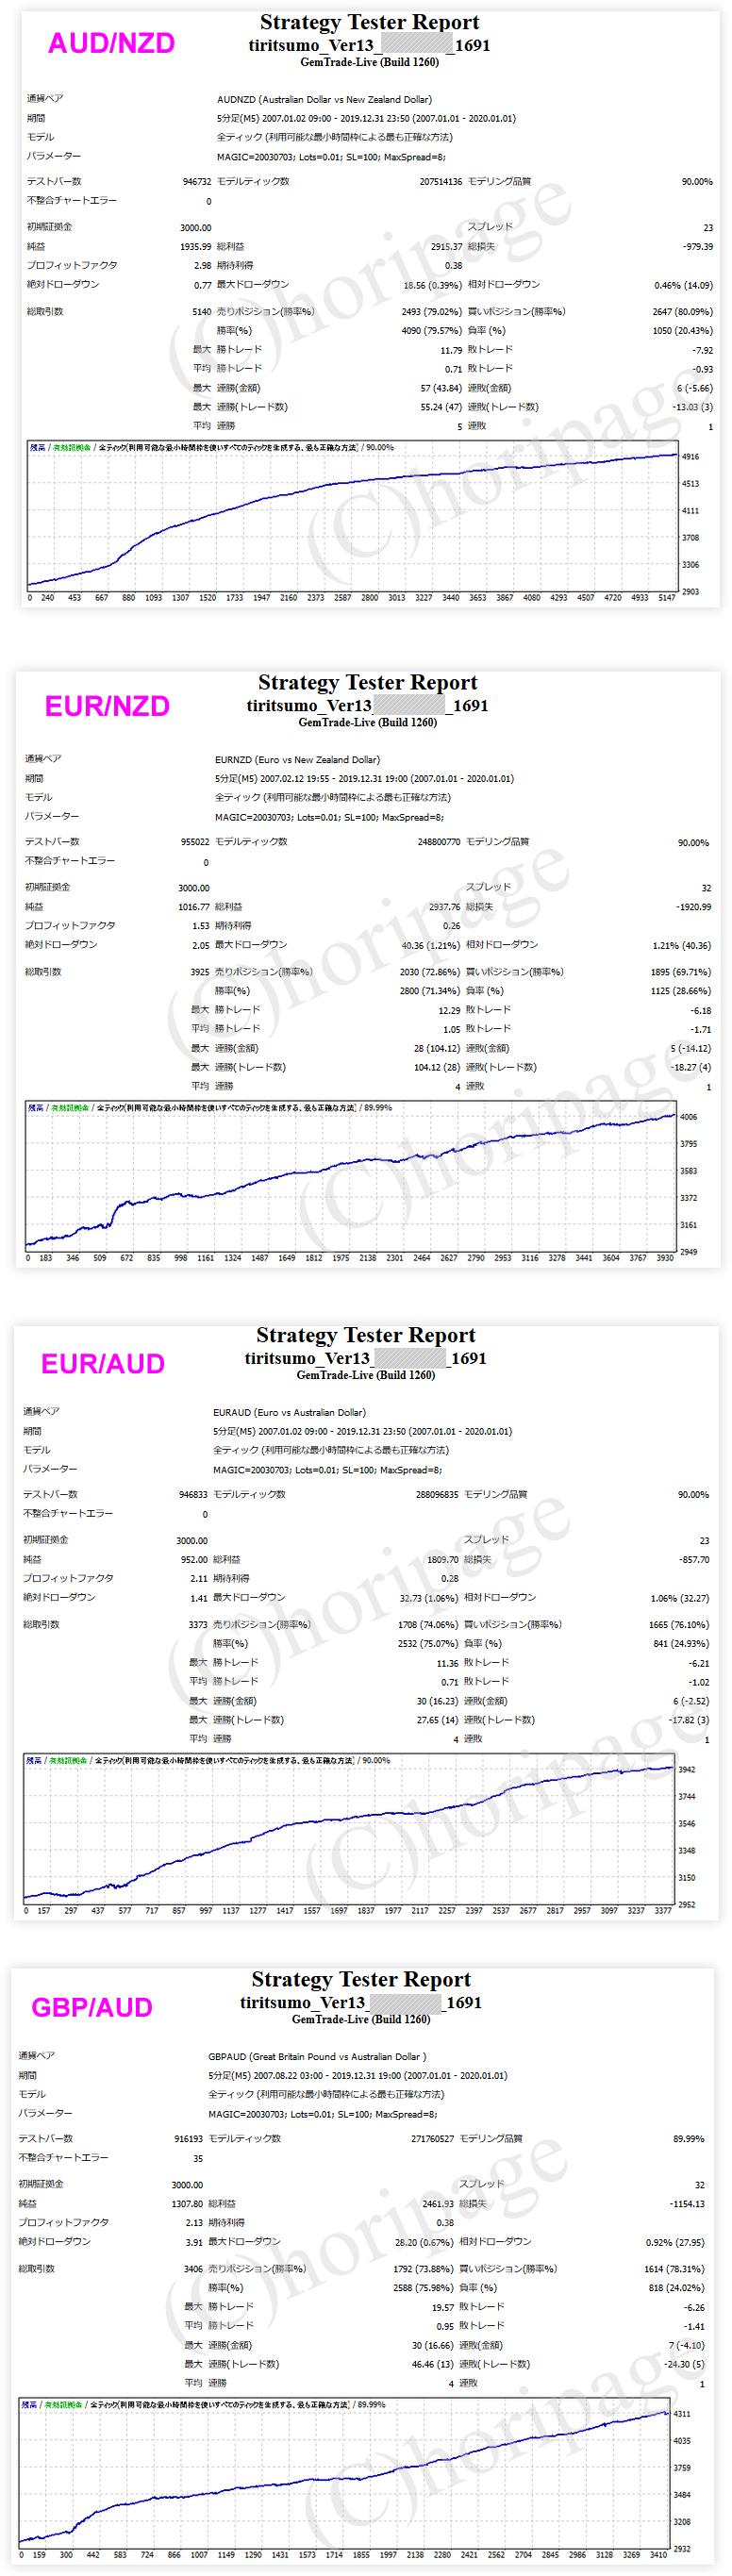 FXのEA1691番TIRITSUMO_Ver13のストラテジーテスターレポート